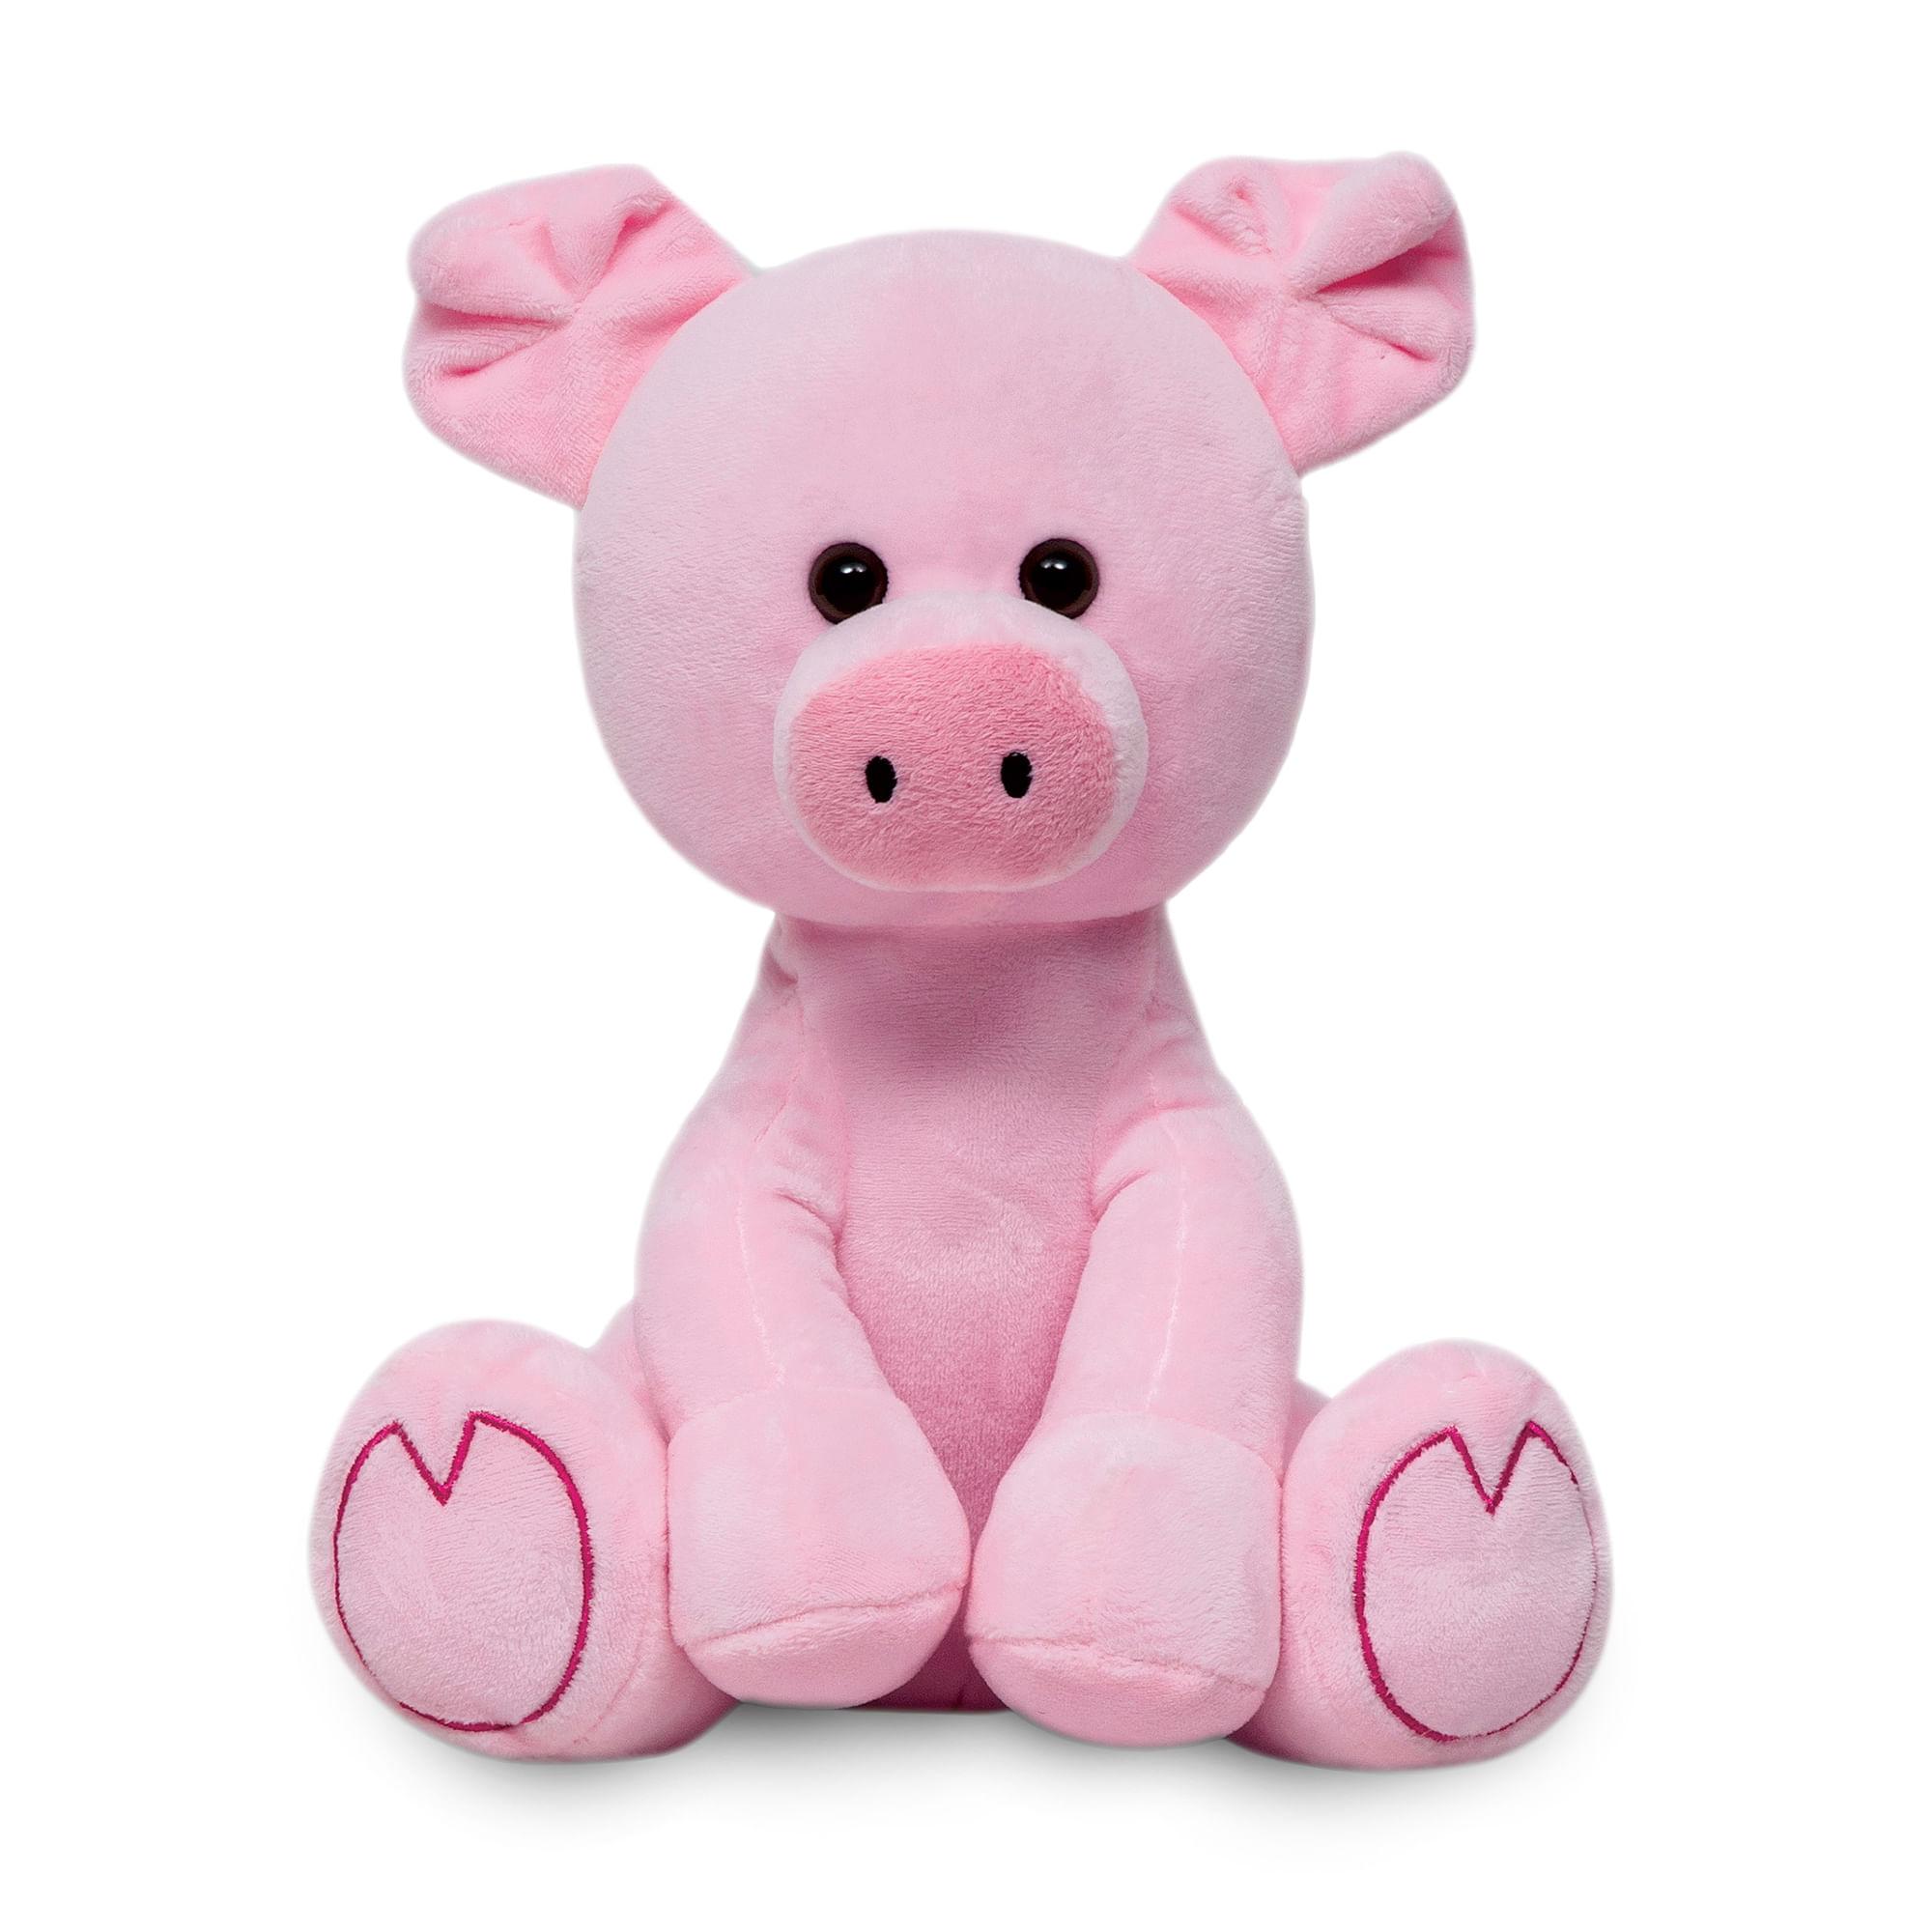 boneco-pelucia-meu-porquinho-rosa-buba